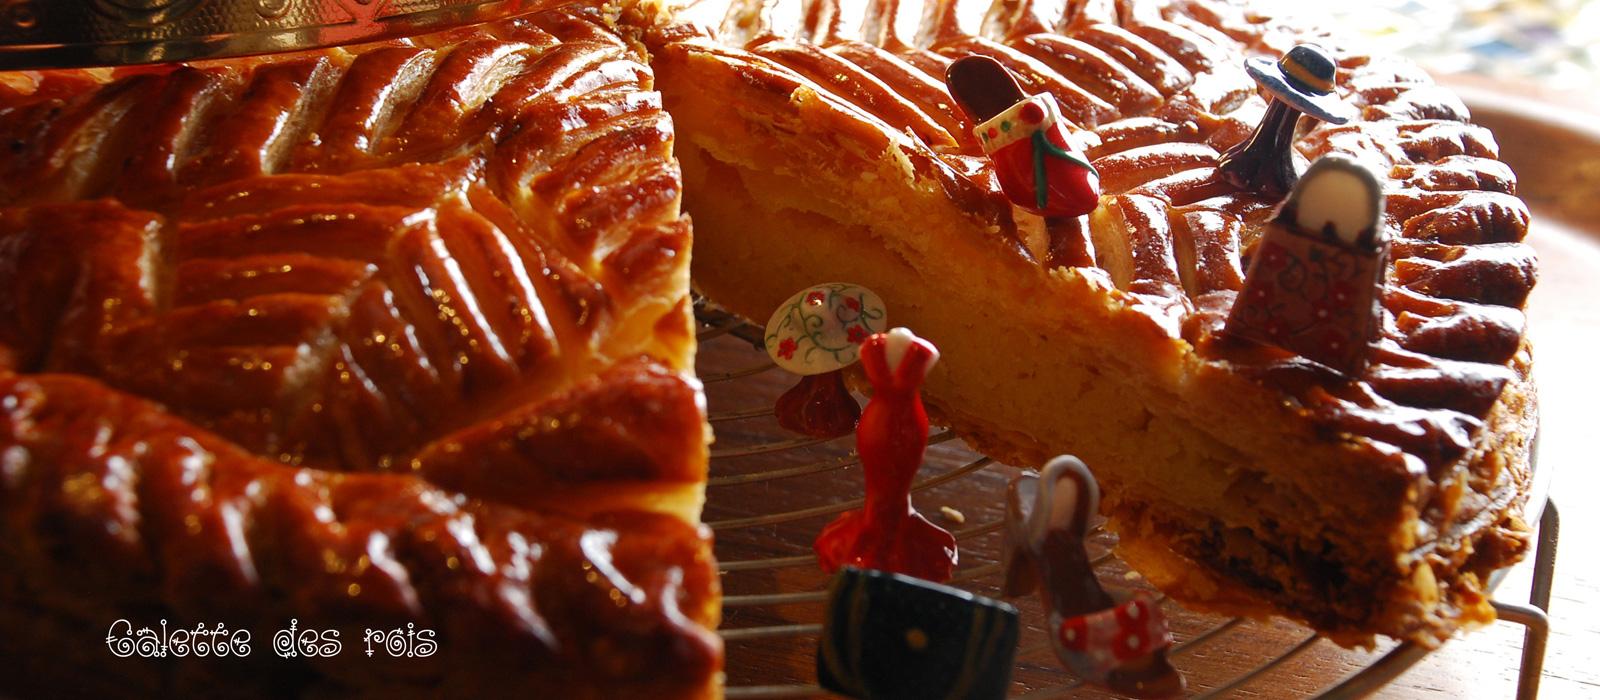 Galette des rois  王様のお菓子